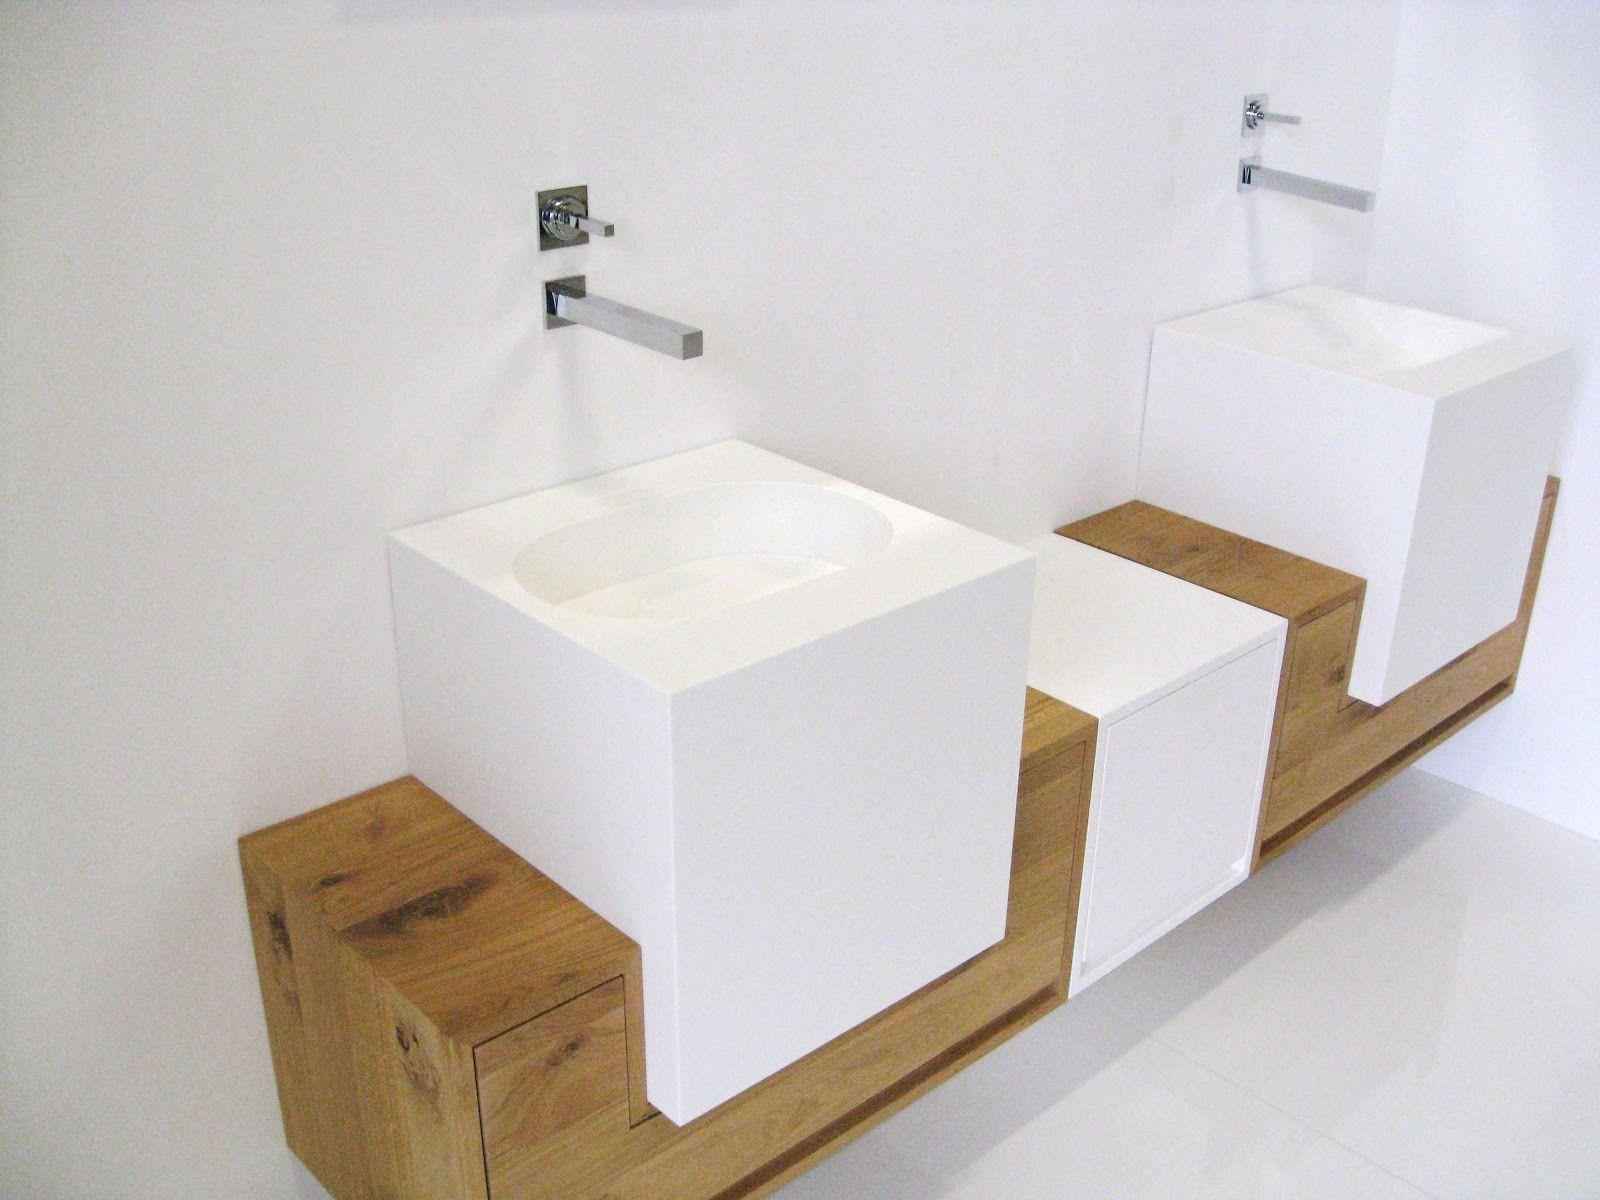 Badkamermeubel Op Maat : Badkamermeubel op maat badkamer saunas